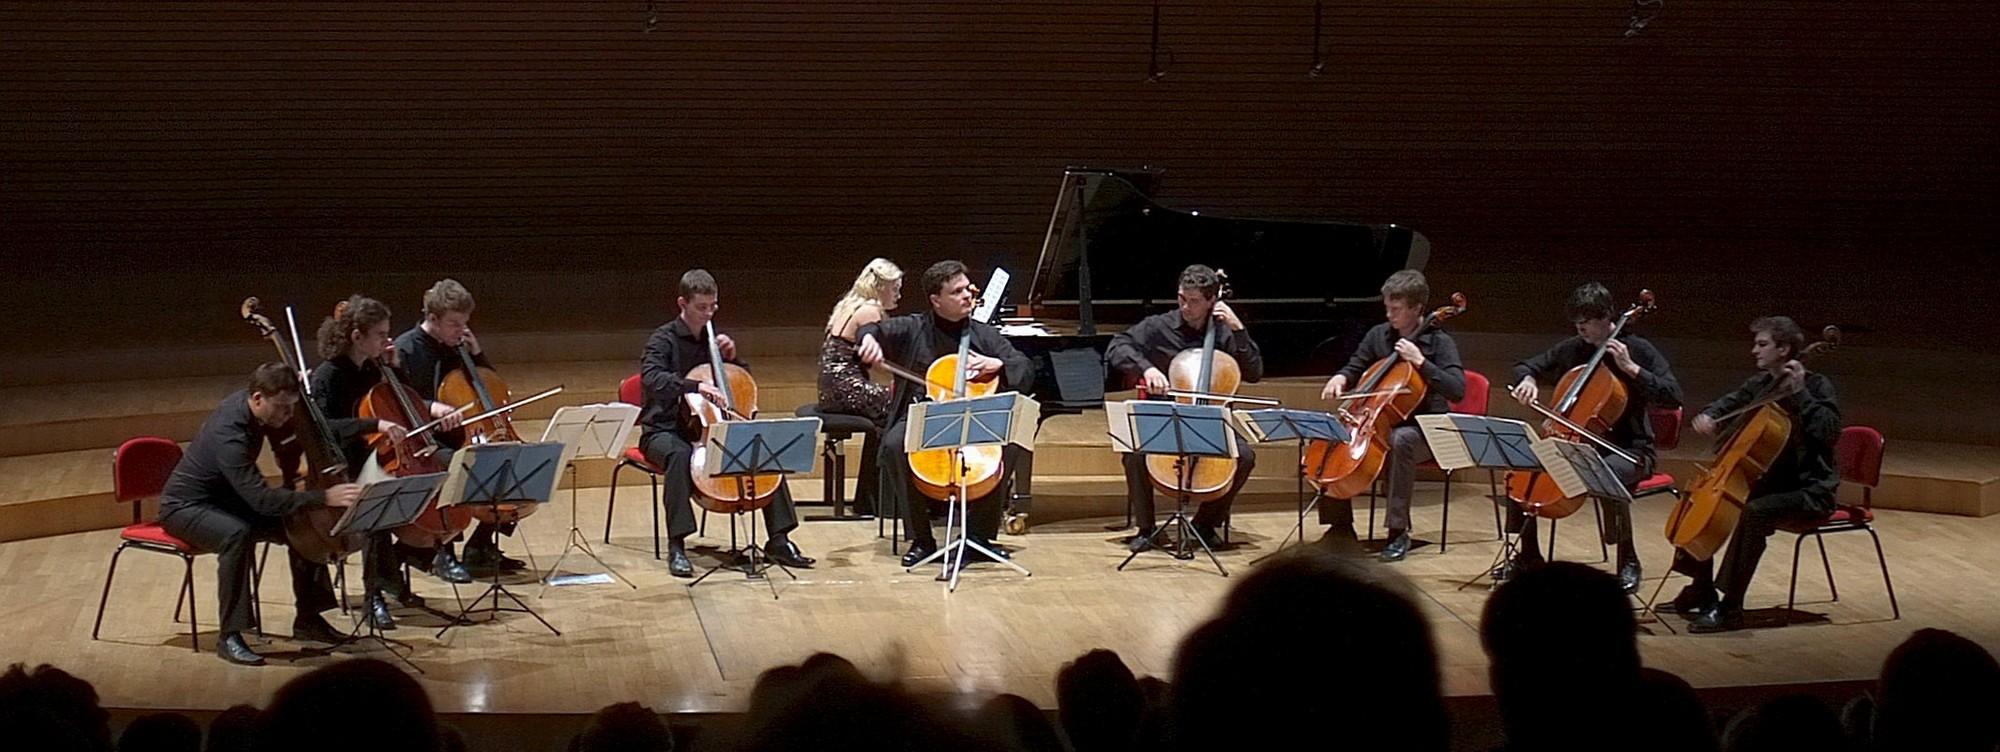 Prof. Ihor Kuszpler i jego studenci w Sali Koncertowej Akademii Muzycznej w Katowicach (źródło: materiały prasowe organizatora)